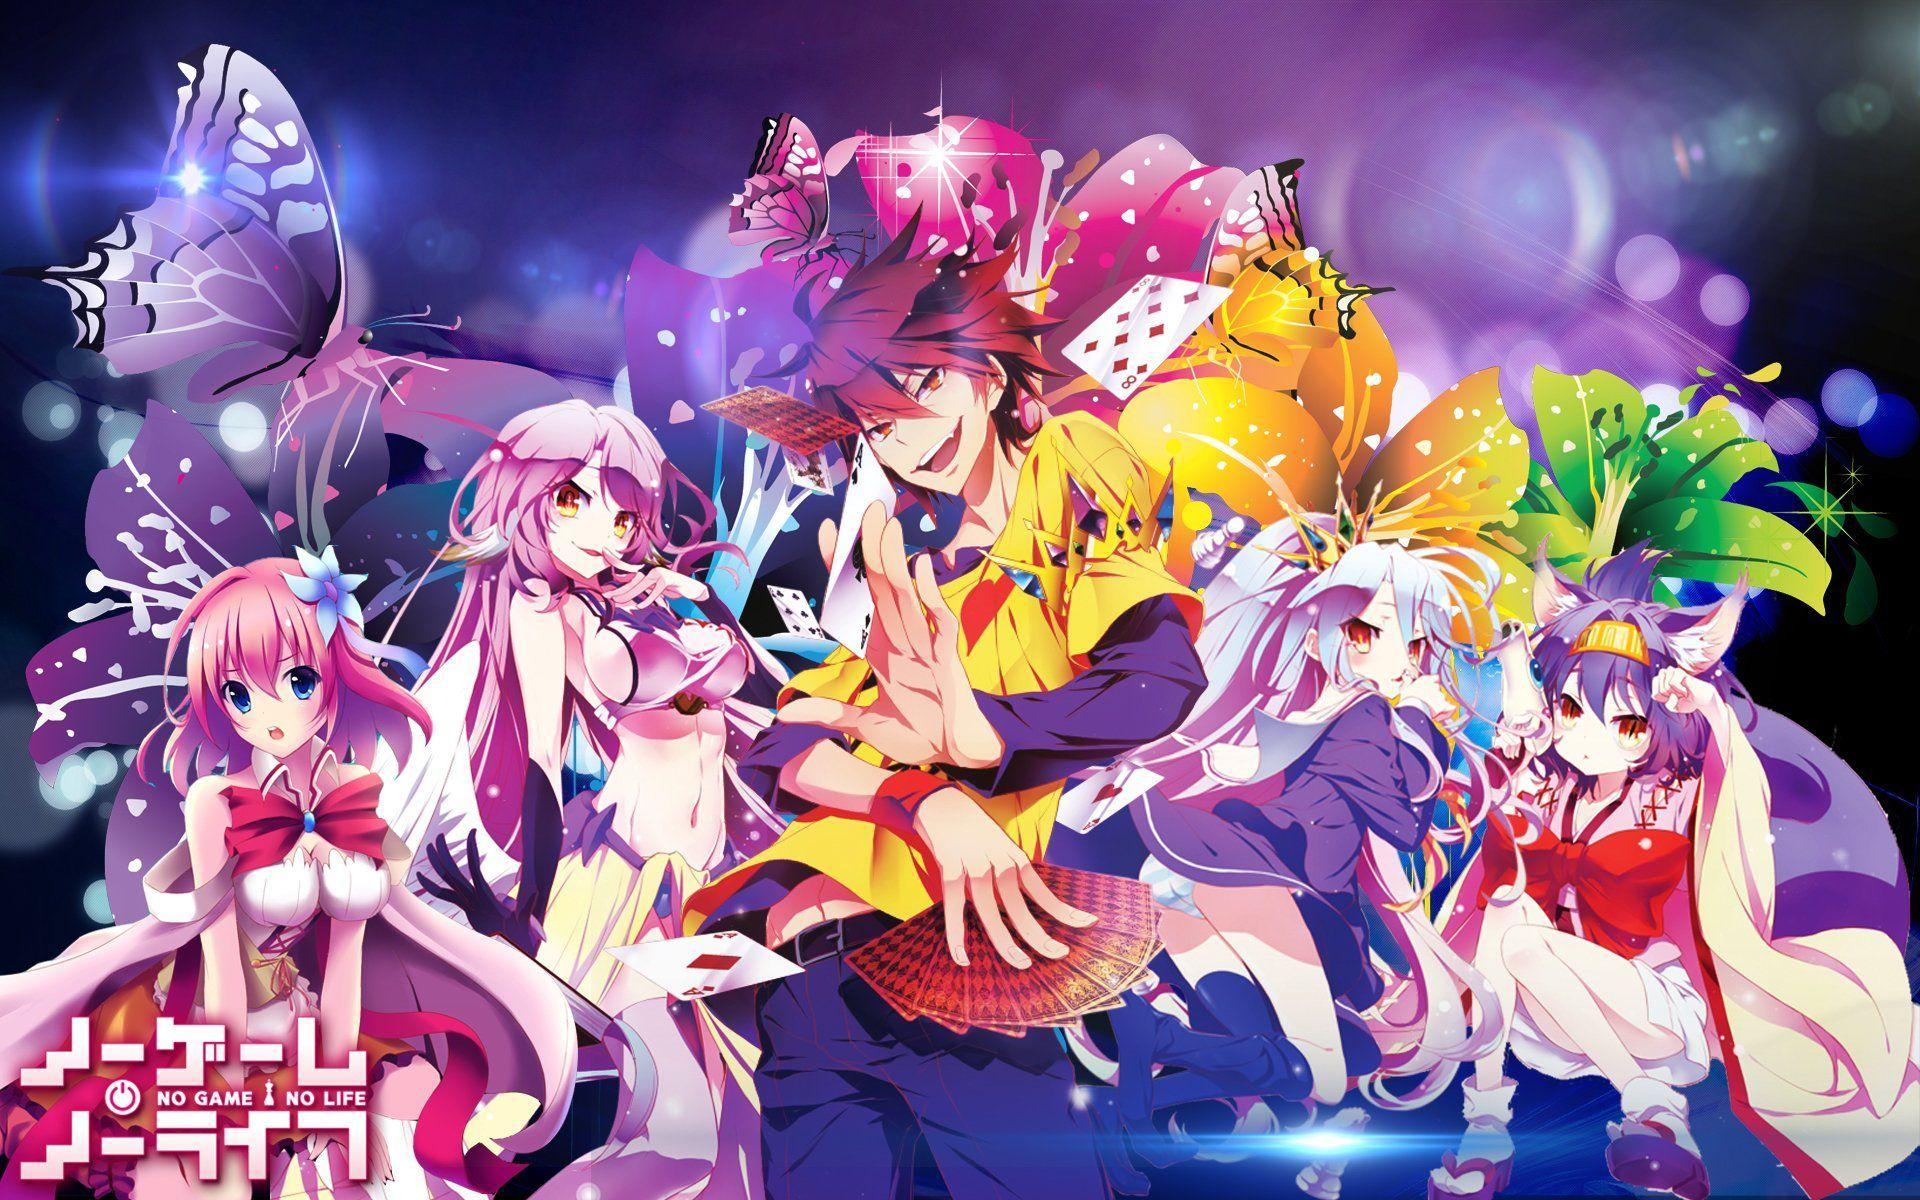 Anime No Game No Life Stephanie Dola Jibril No Game No Life Sora No Game No Life Shiro No Game No Life Izuna Hatsus Anime Wallpaper No Game No Life Anime